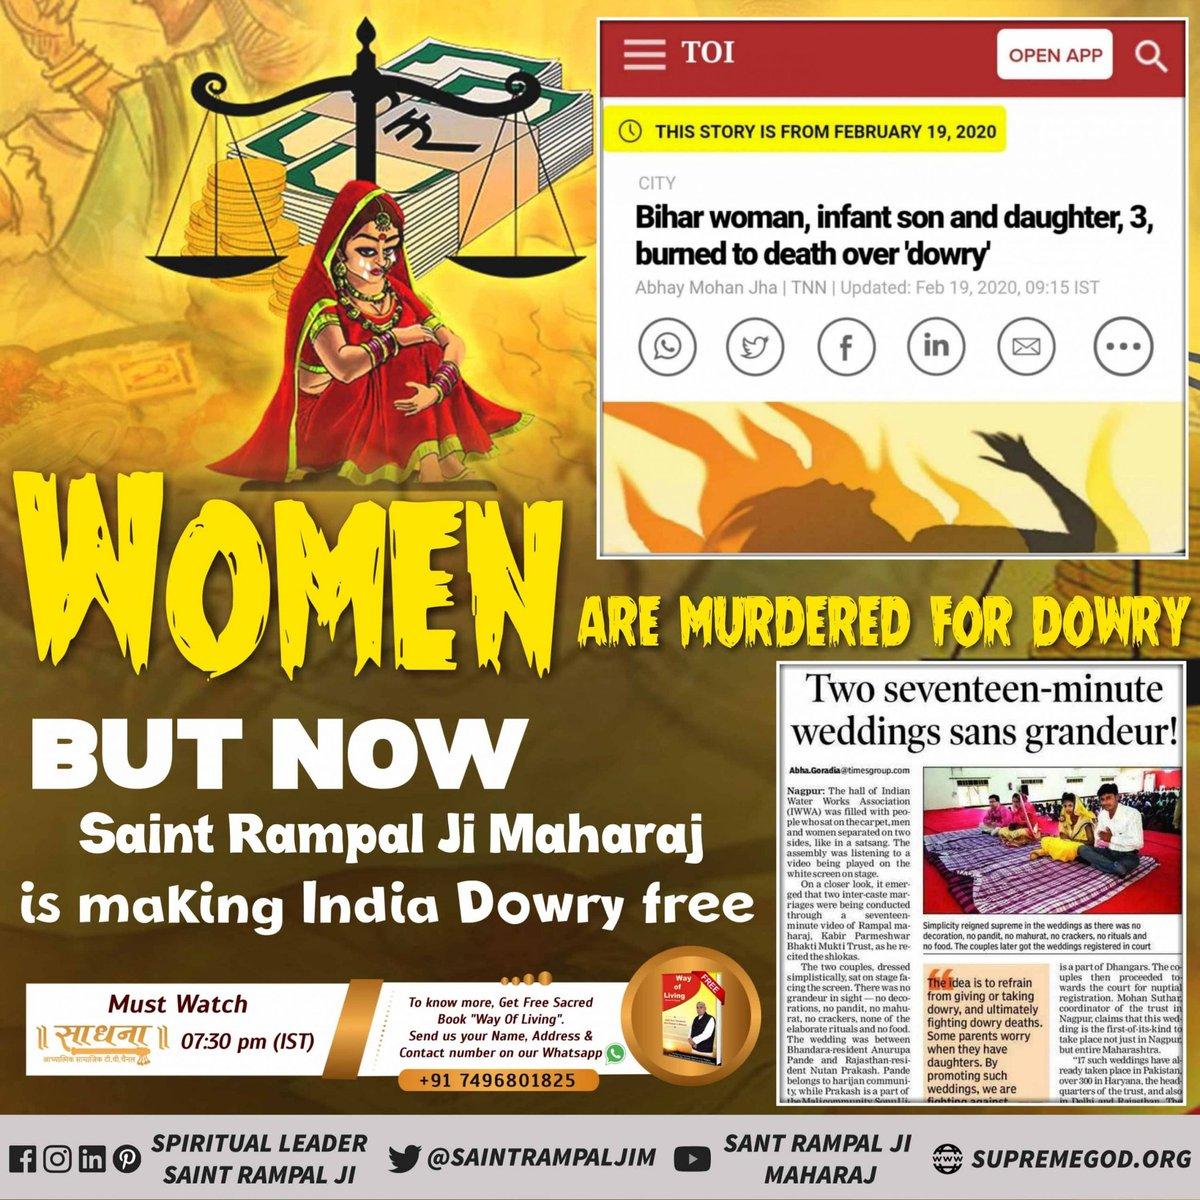 #GodMorningThursday Stop Dowry  https://t.co/gH6GuMhwP7 https://t.co/H9ZV3ExZJB